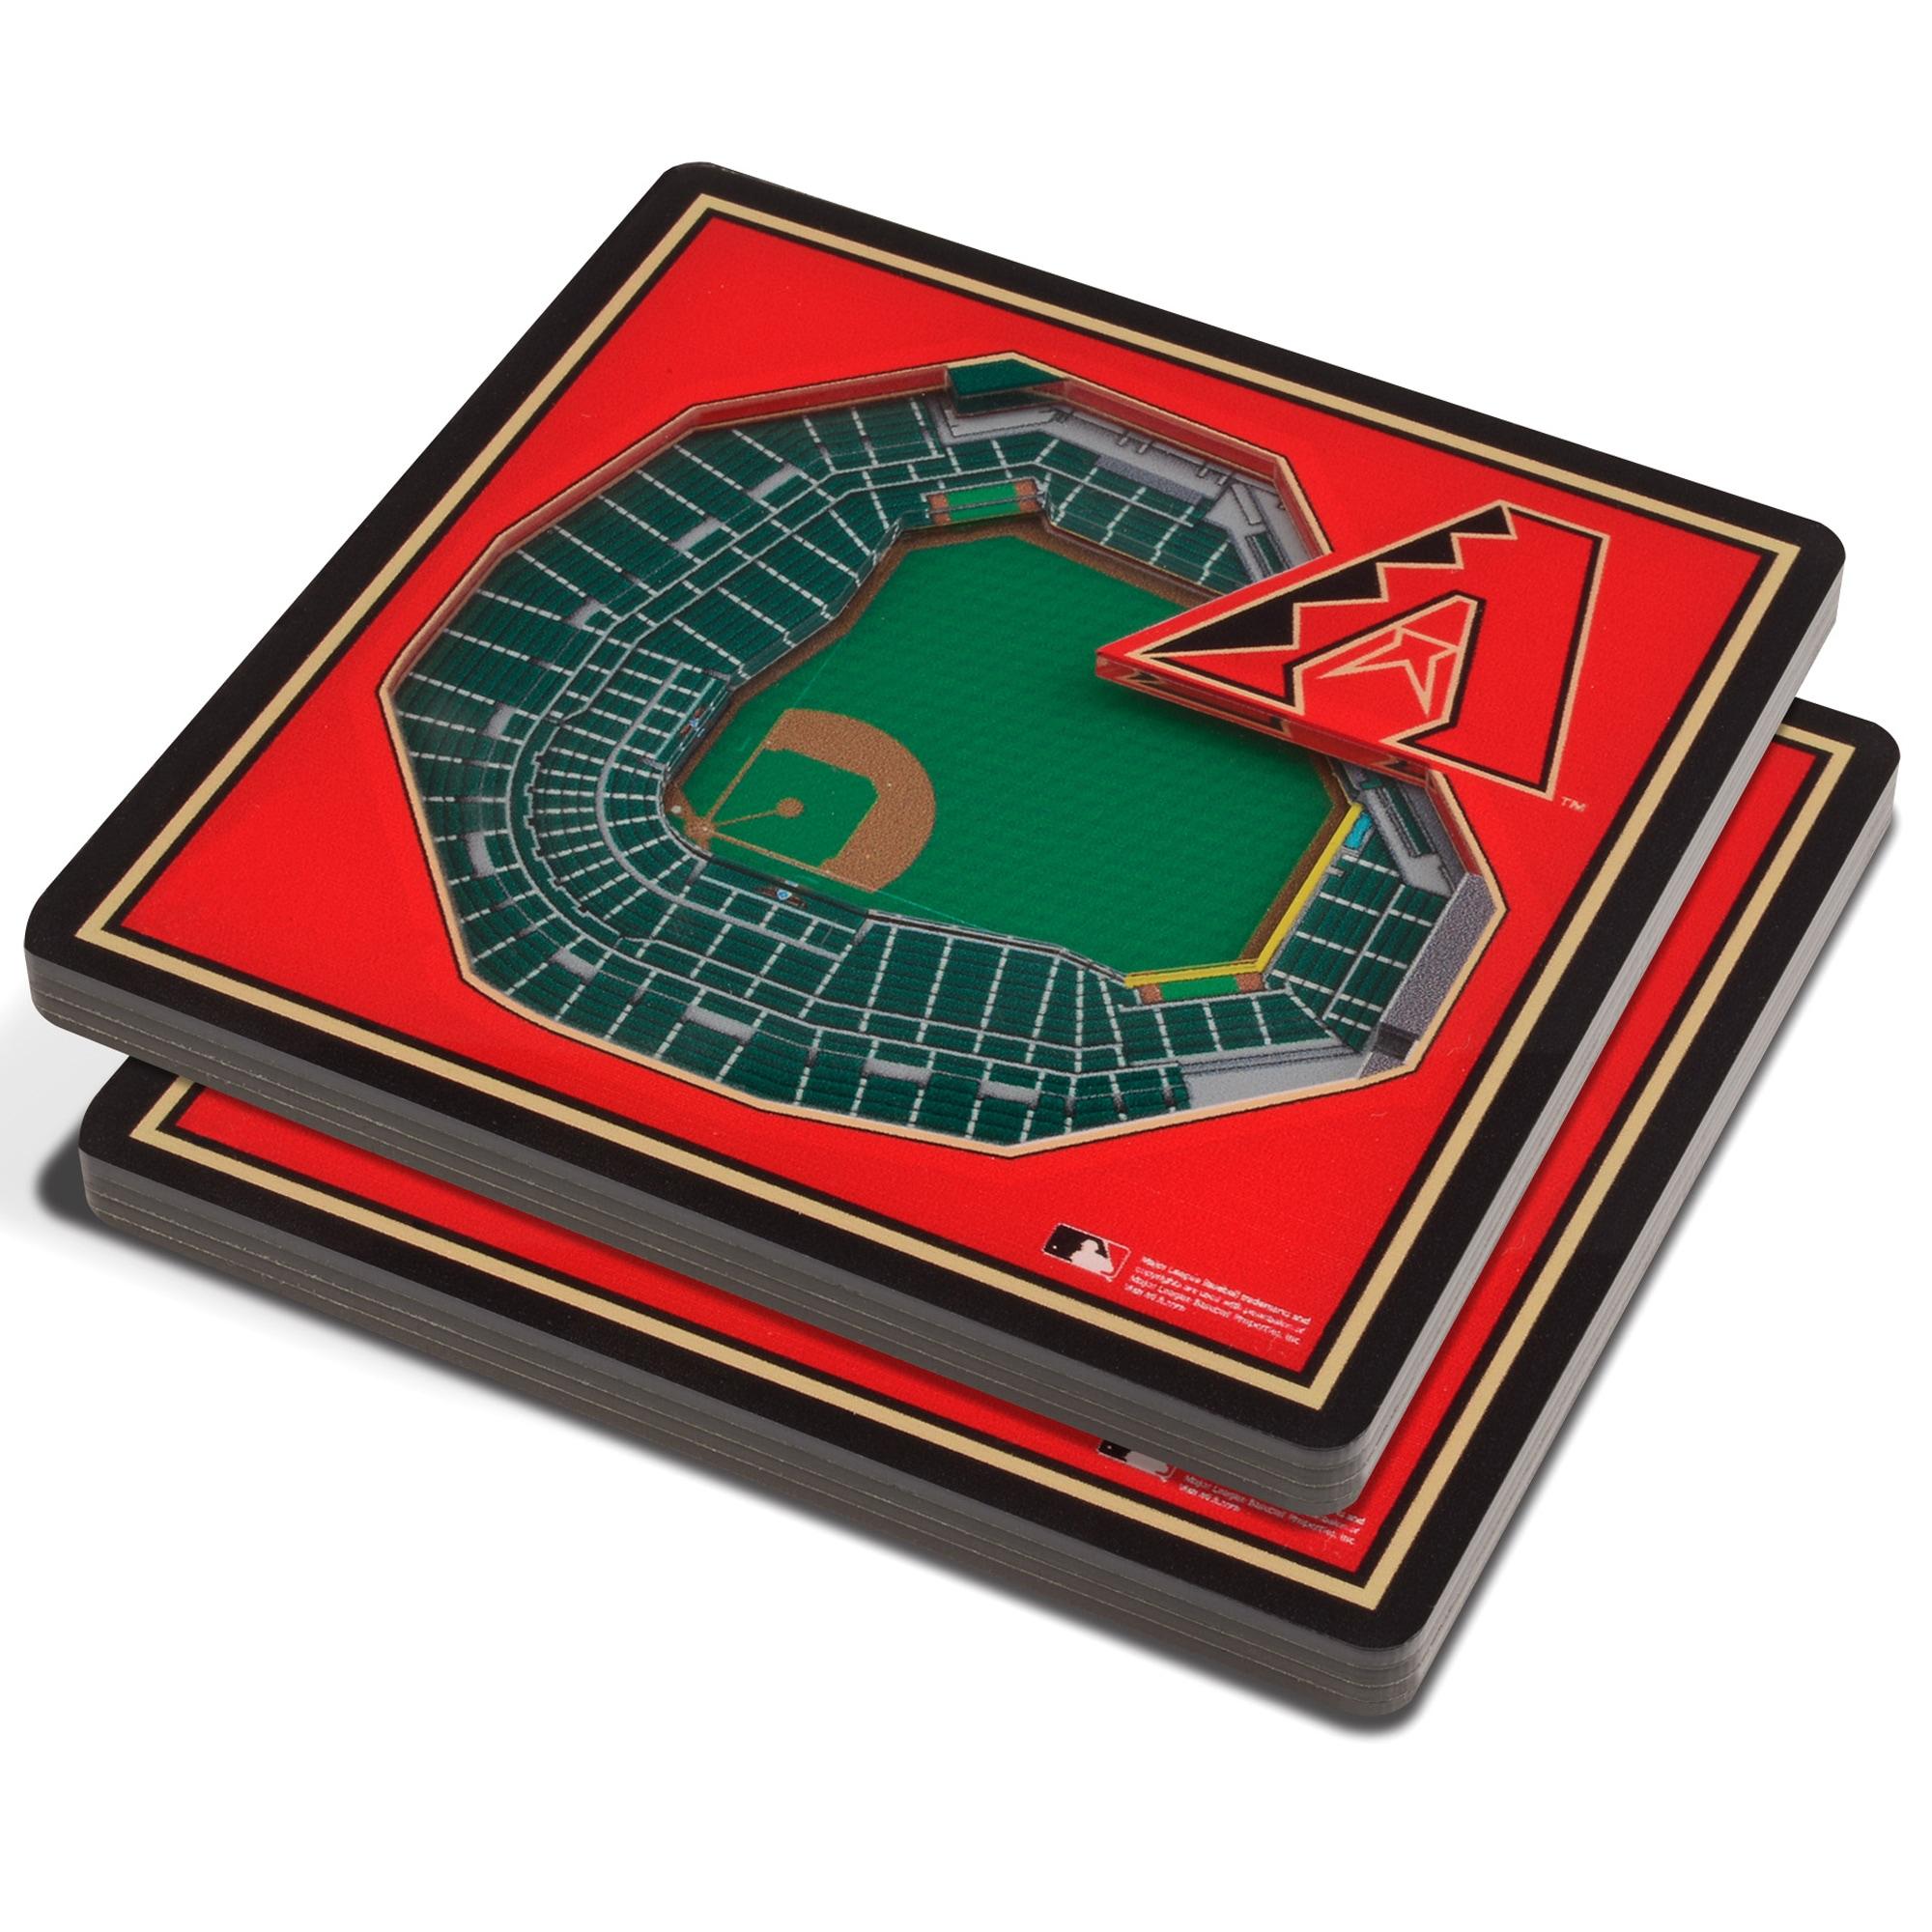 Arizona Diamondbacks 3D StadiumViews Coasters - Red